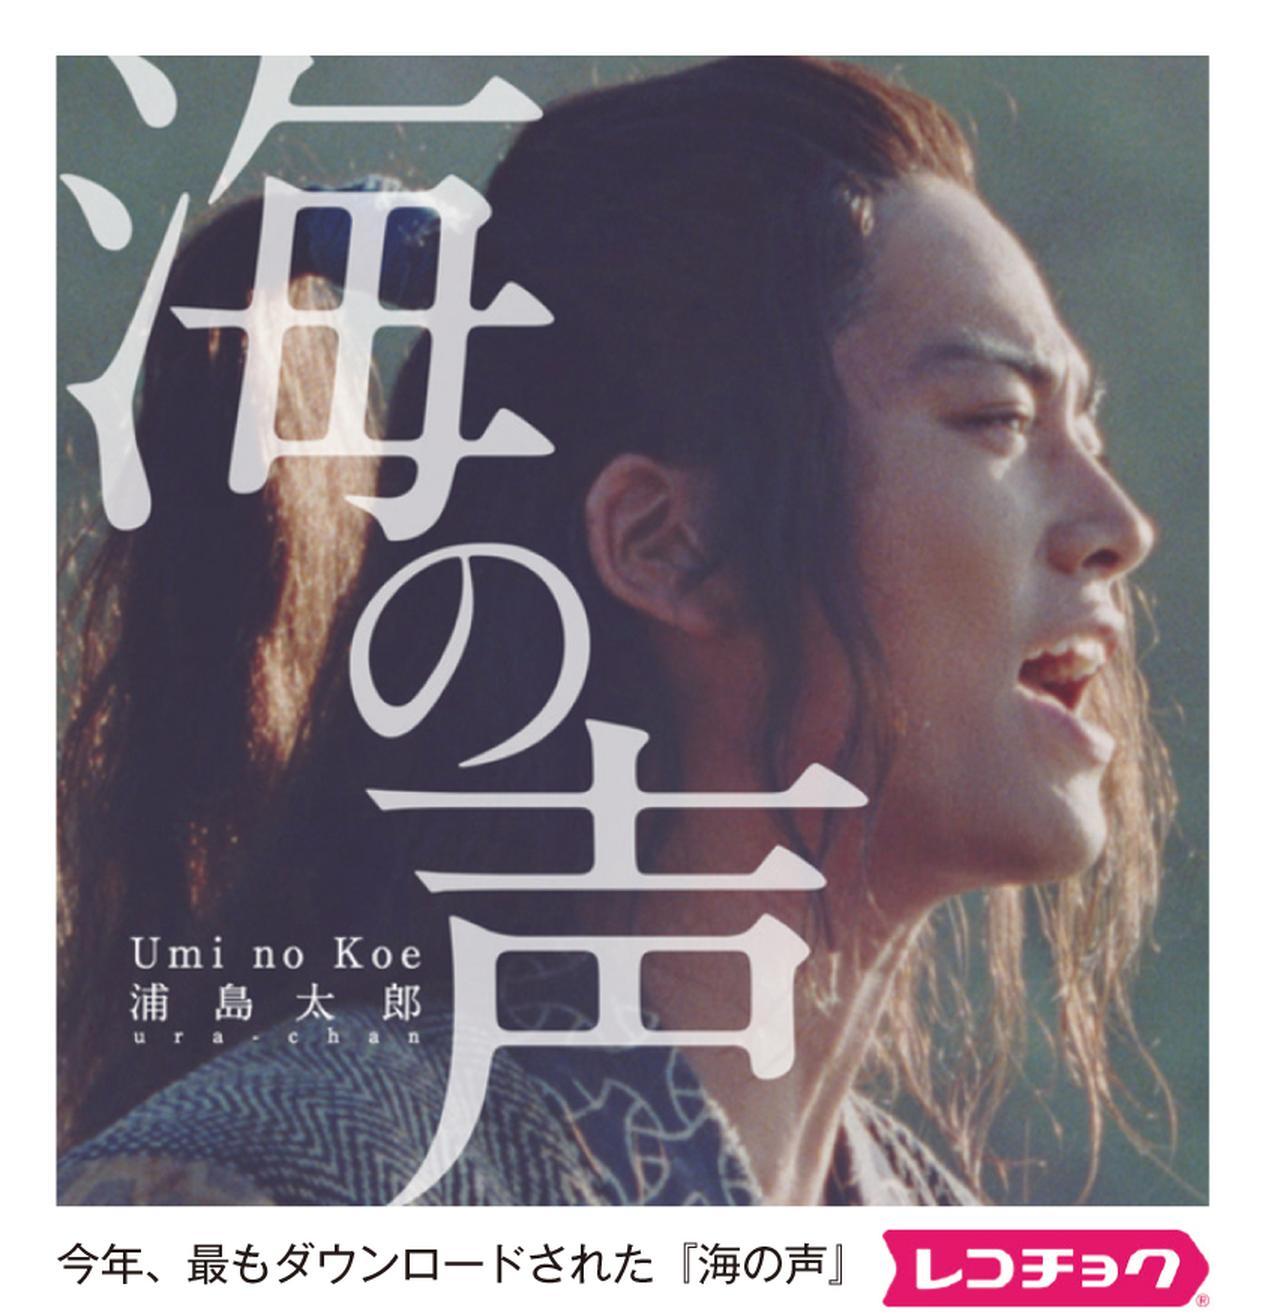 画像: 2016年最もダウンロードされたシングルに 浦島太郎の『海の声』